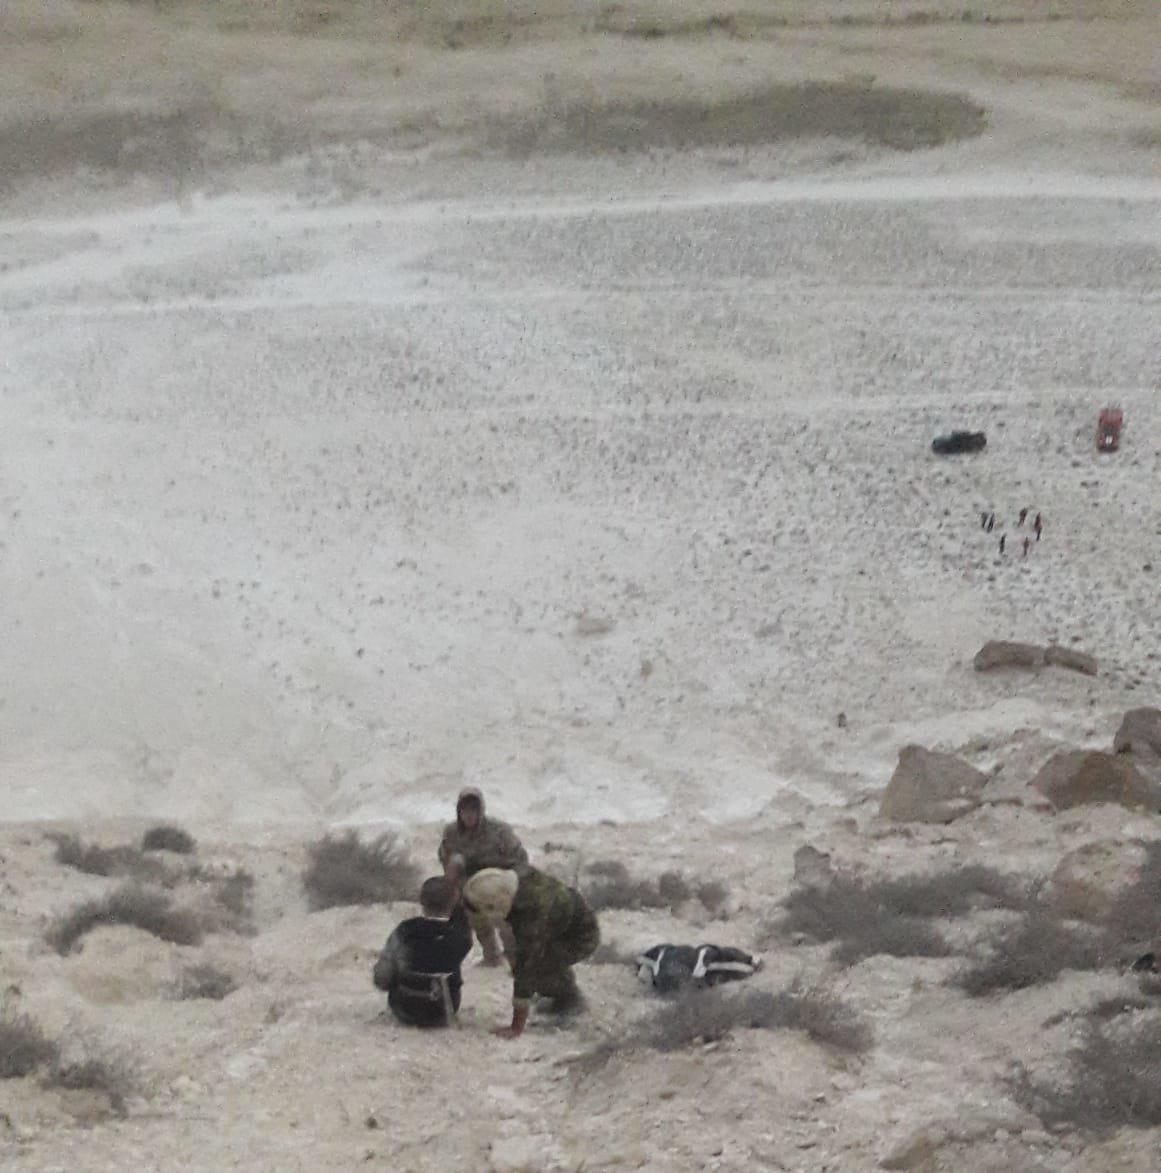 В Мангистау планировавший на дельтаплане мужчина упал в обрыв и сломал руки, фото-5